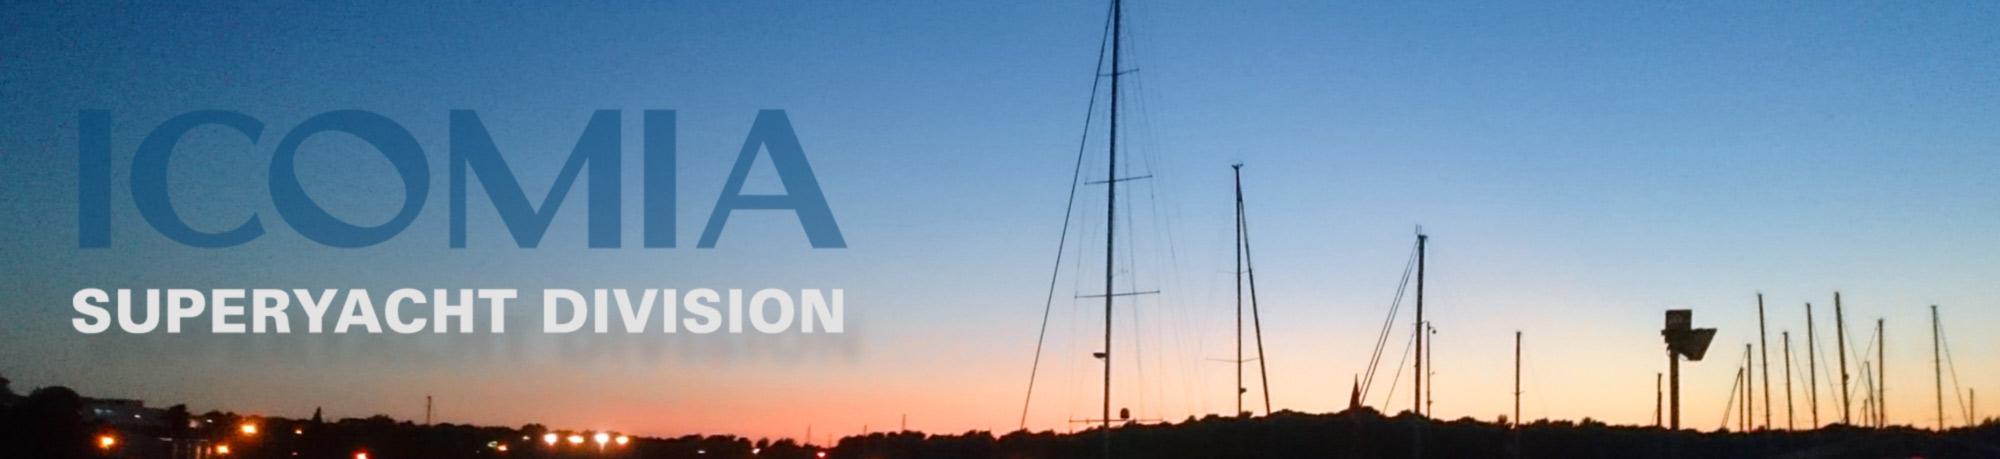 superyacht dvision banner